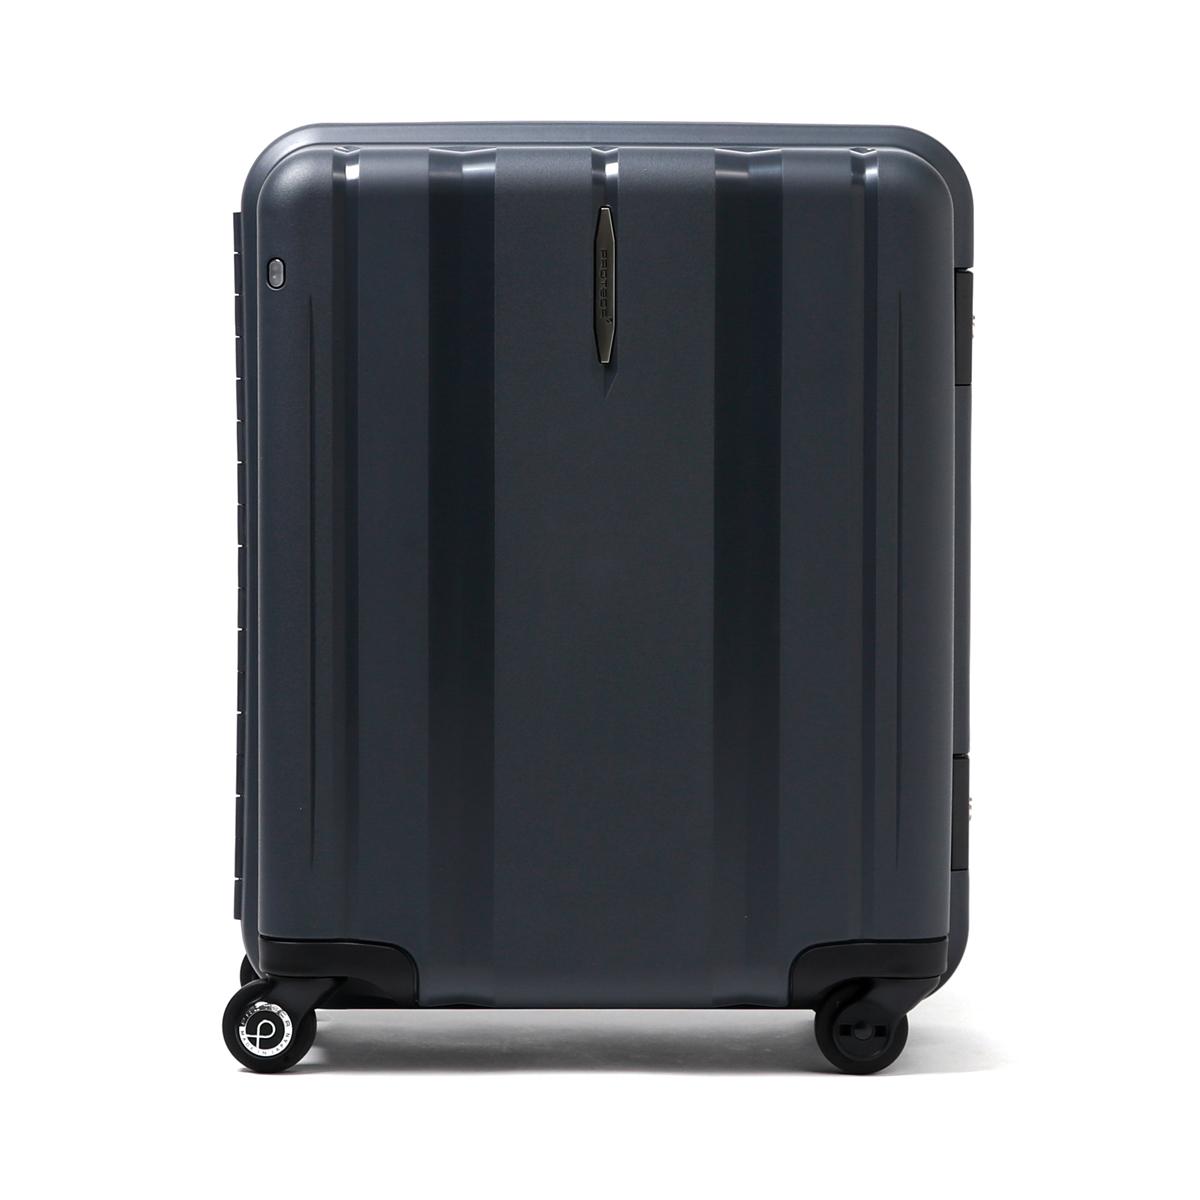 「3年保証」プロテカ スーツケース PROTeCA プロテカ マックスパスHI スーツケース 機内持ち込み 38L Sサイズ 軽量 TSAロック 1〜3泊程度 4輪 PROTeCA MAXPASS HI ファスナー キャリーケース 旅行カバン 旅行バッグ